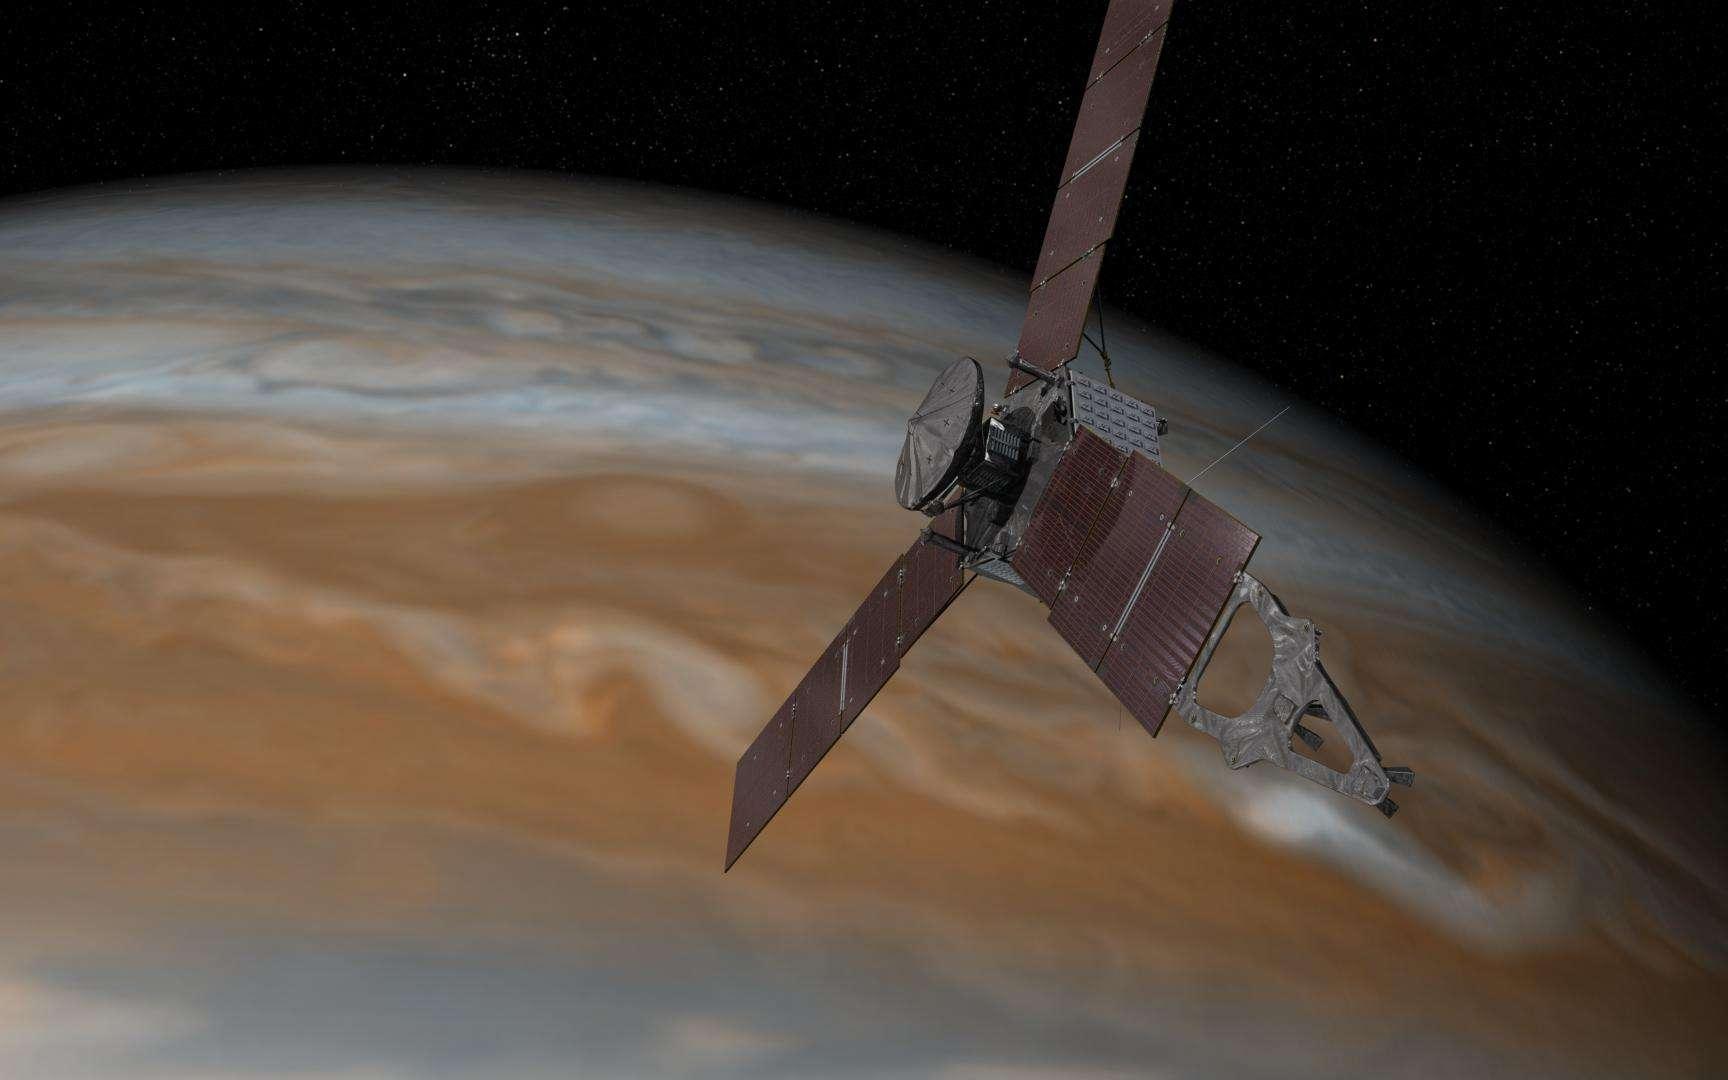 Vue d'artiste de Juno dans la banlieue de Jupiter. Après cinq années de voyage, la sonde devrait s'insérer en orbite autour de la géante gazeuse, le 4 juillet prochain. © Nasa, JPL-Caltech